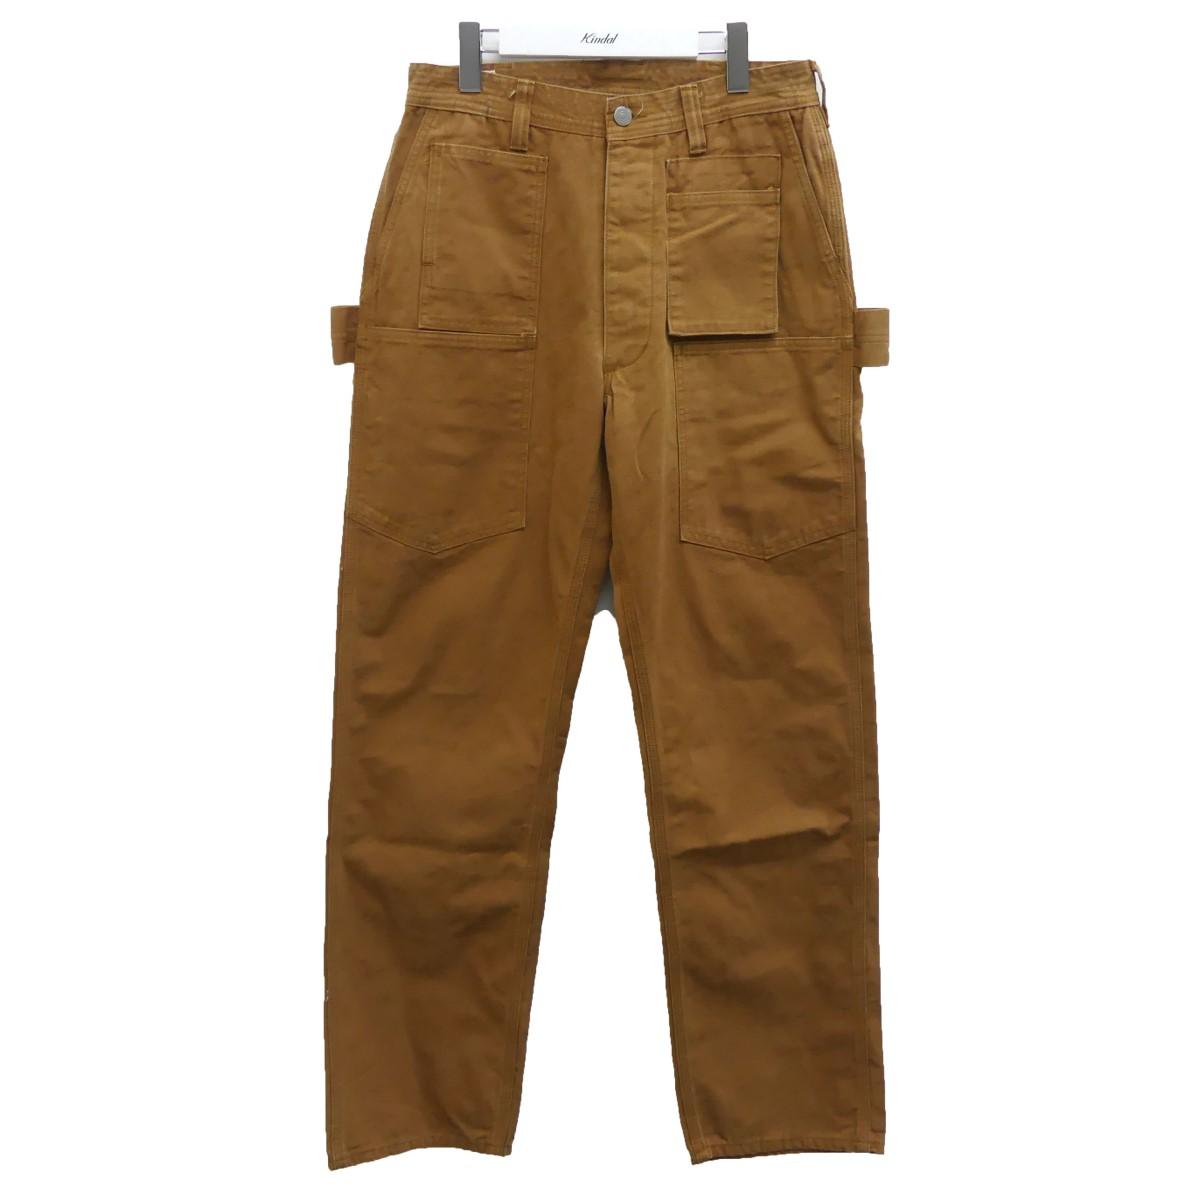 【中古】SASSAFRAS 18SS Whole Pruner Pants ホールプルーナーパンツ ブラウン サイズ:S 【200720】(ササフラス)